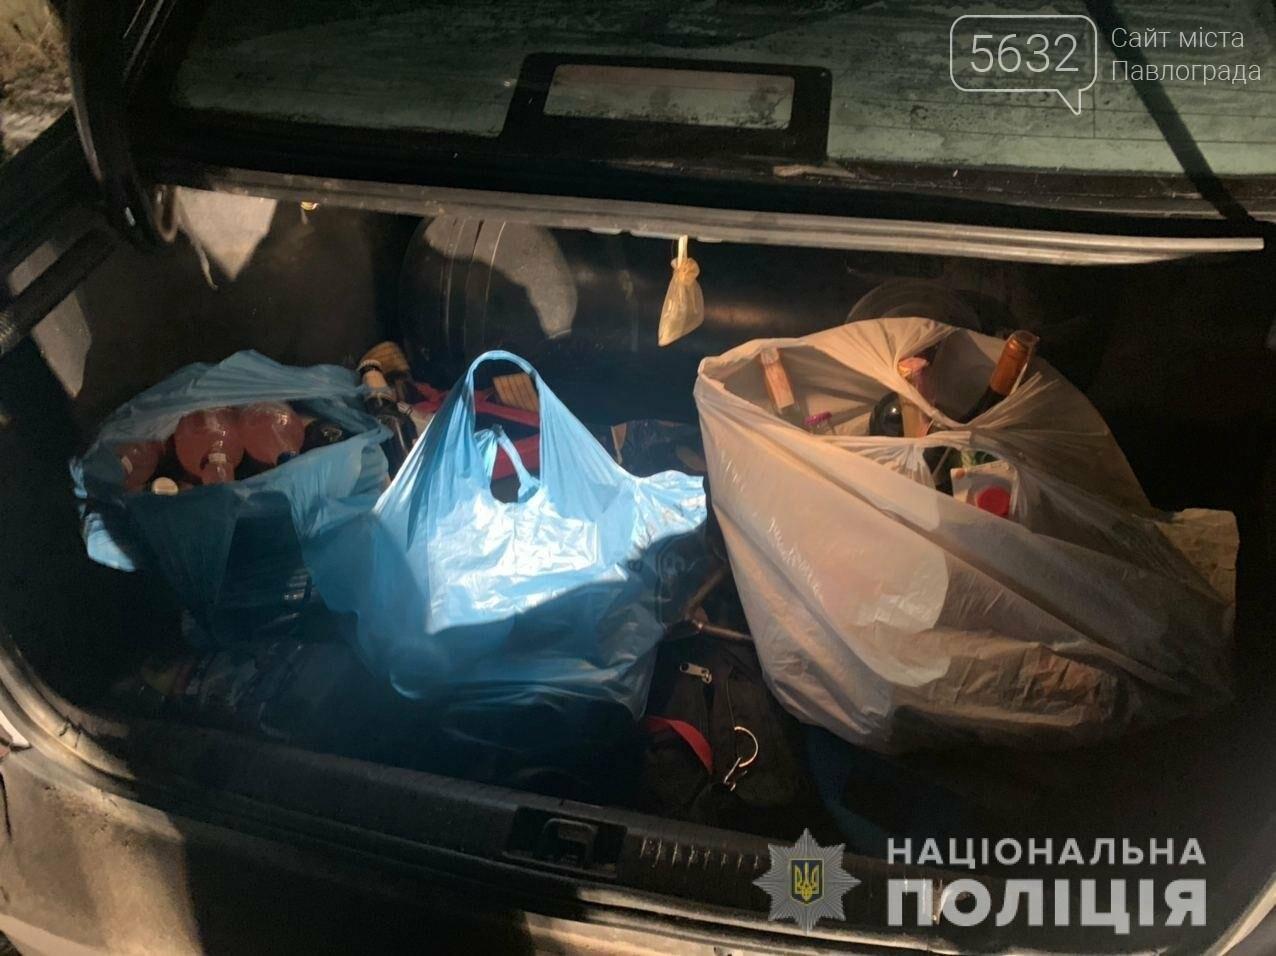 Двое ранее судимых павлоградцев ограбили магазин в Богуславе, фото-1